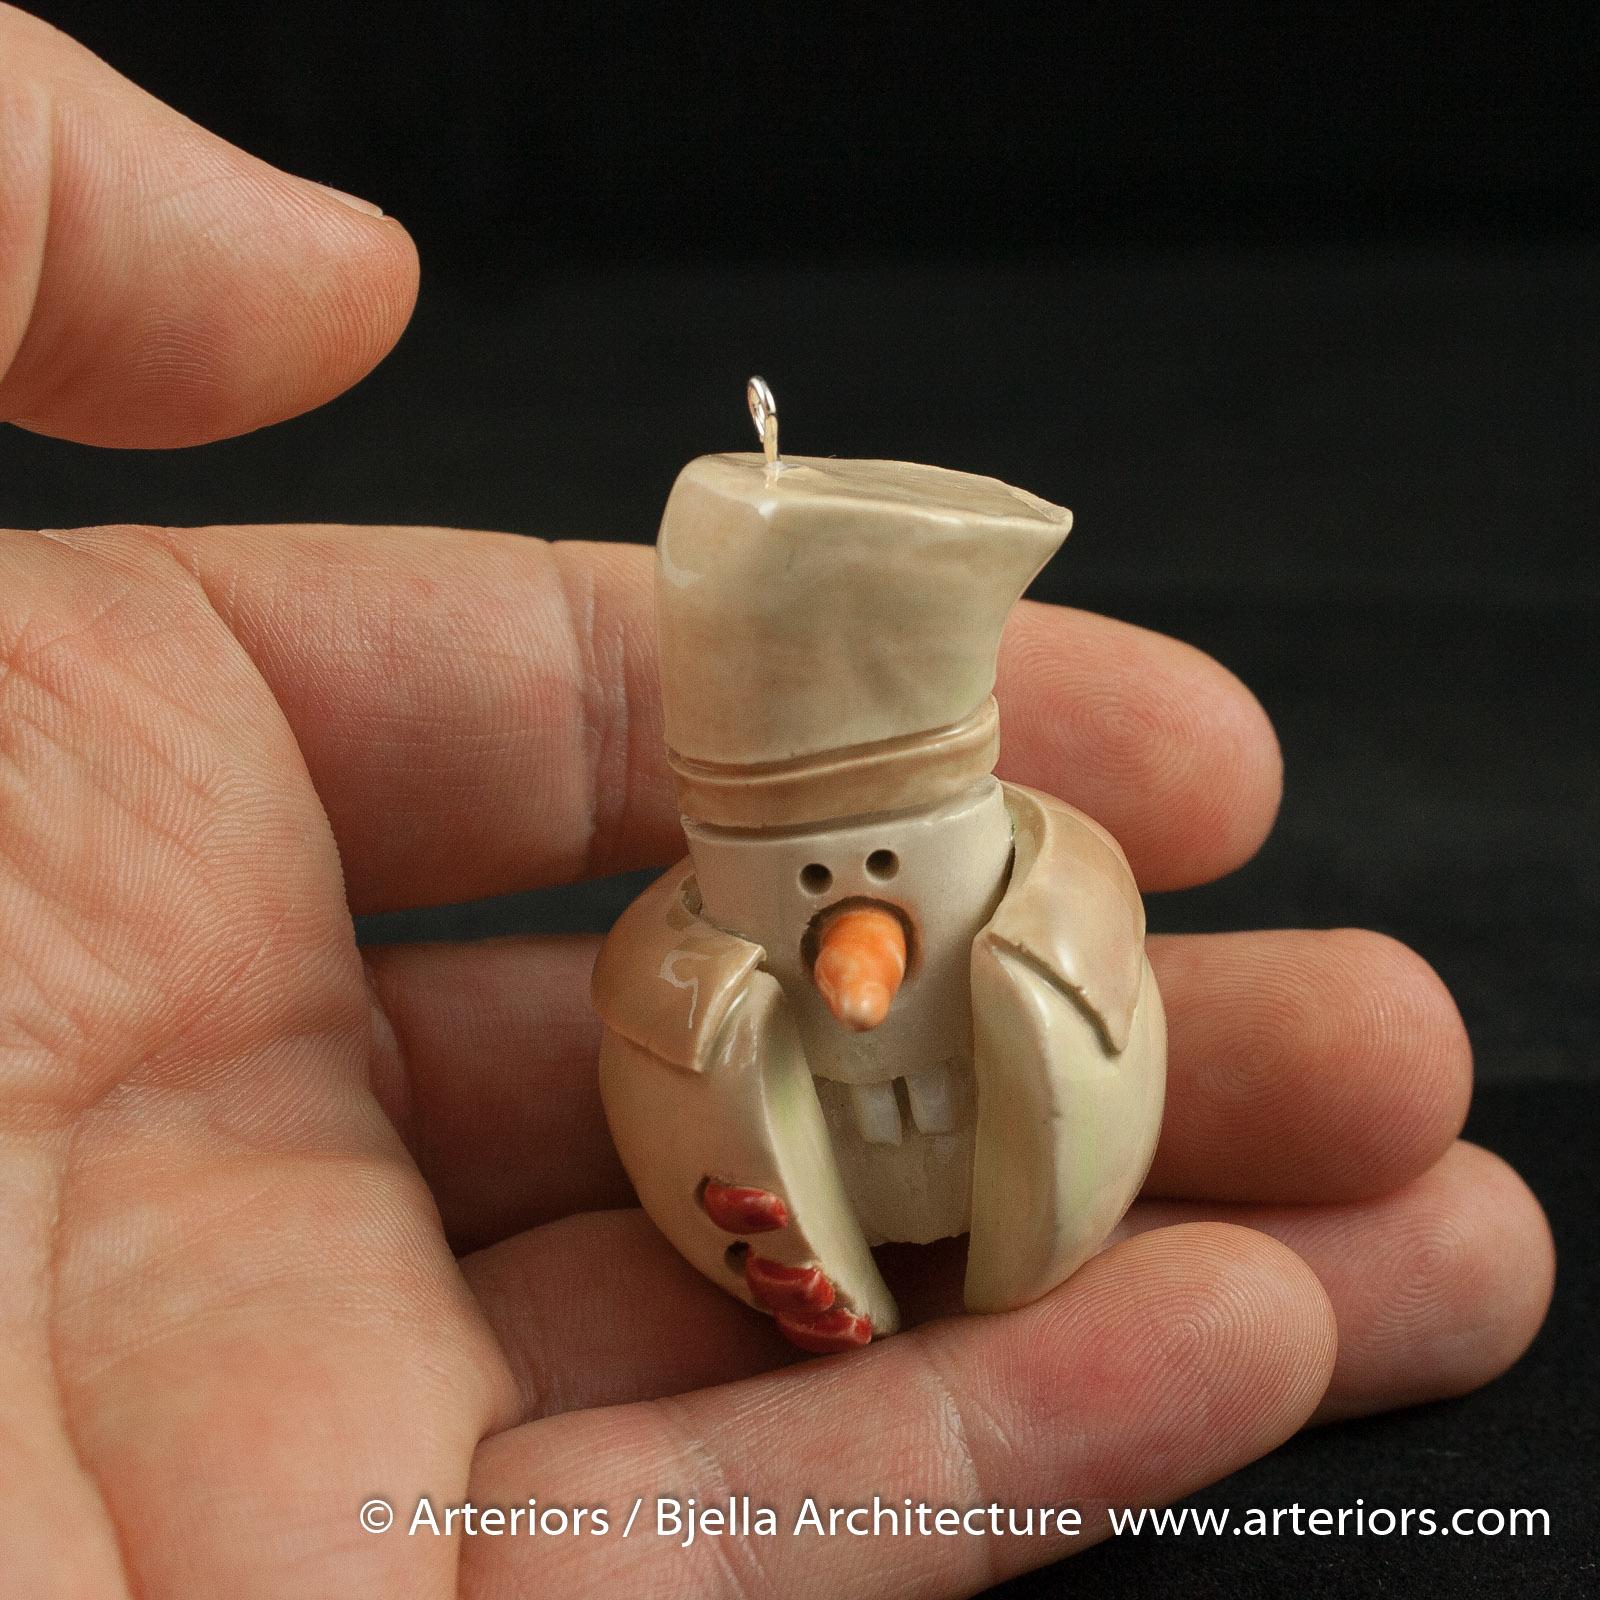 Bjella Snowman Ornament - Day 9 - Cutesy-24